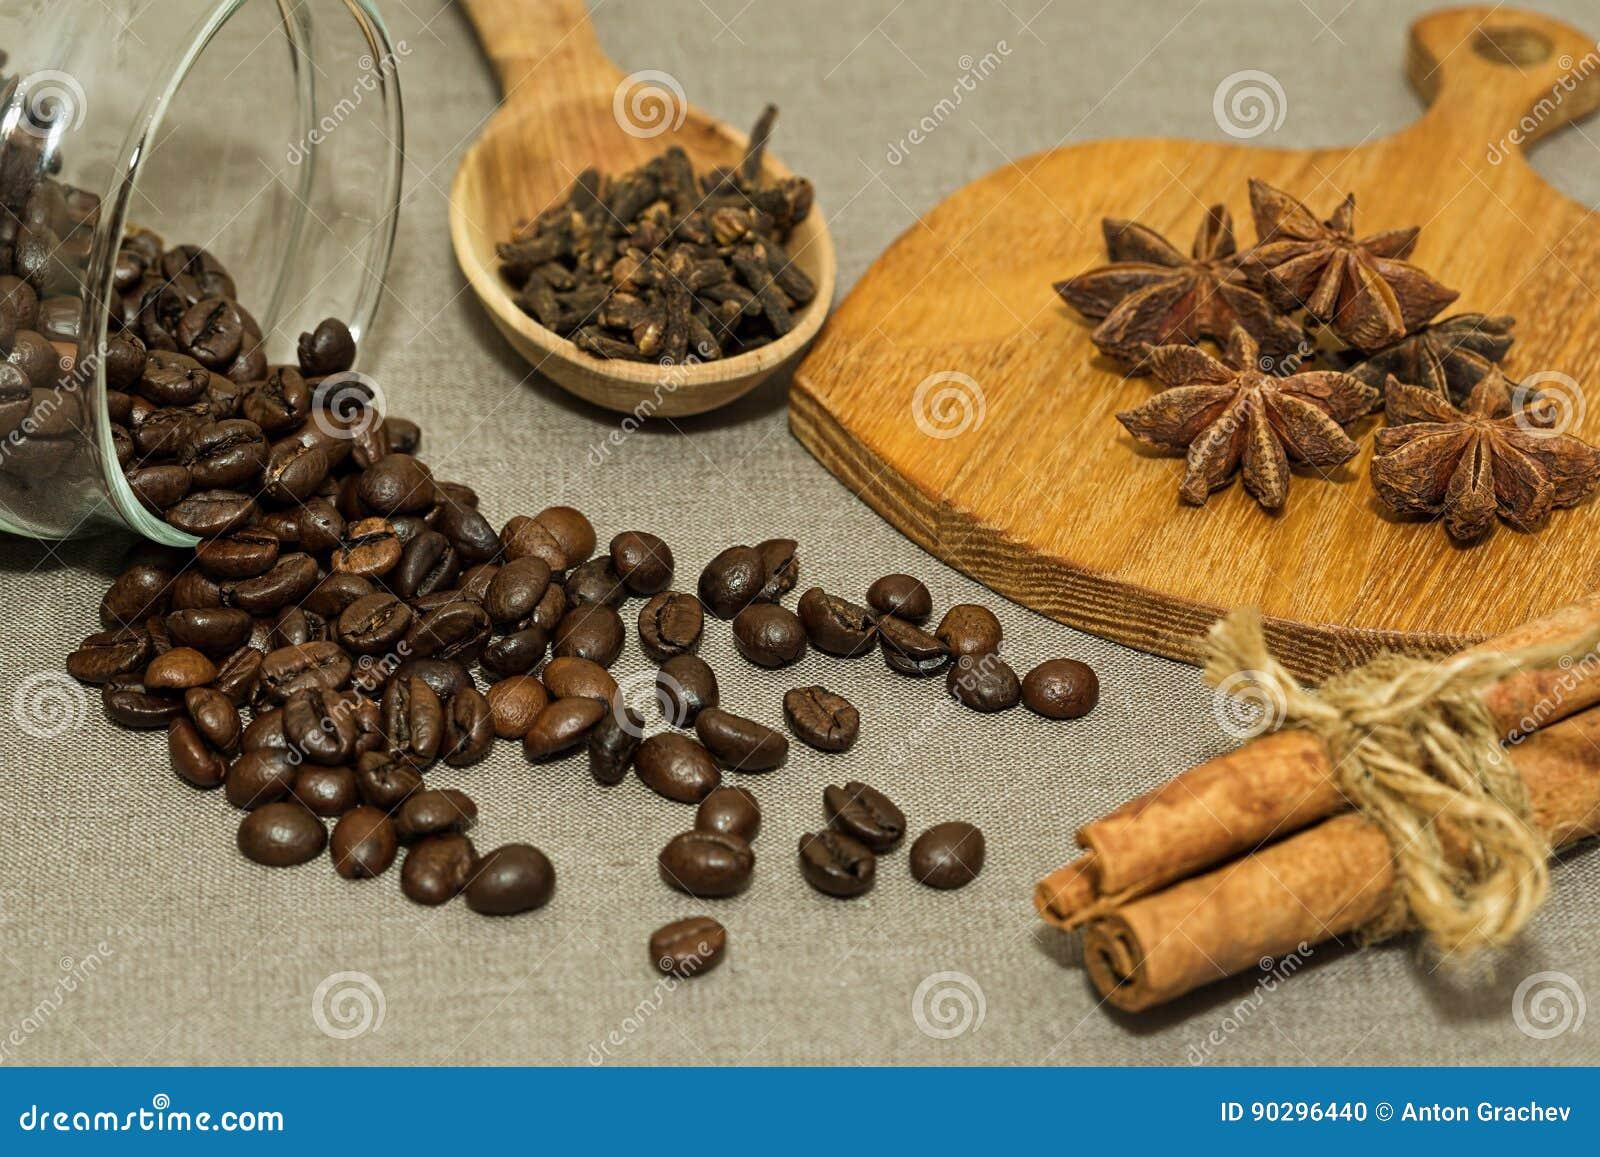 Grains de café rôtis et différentes épices